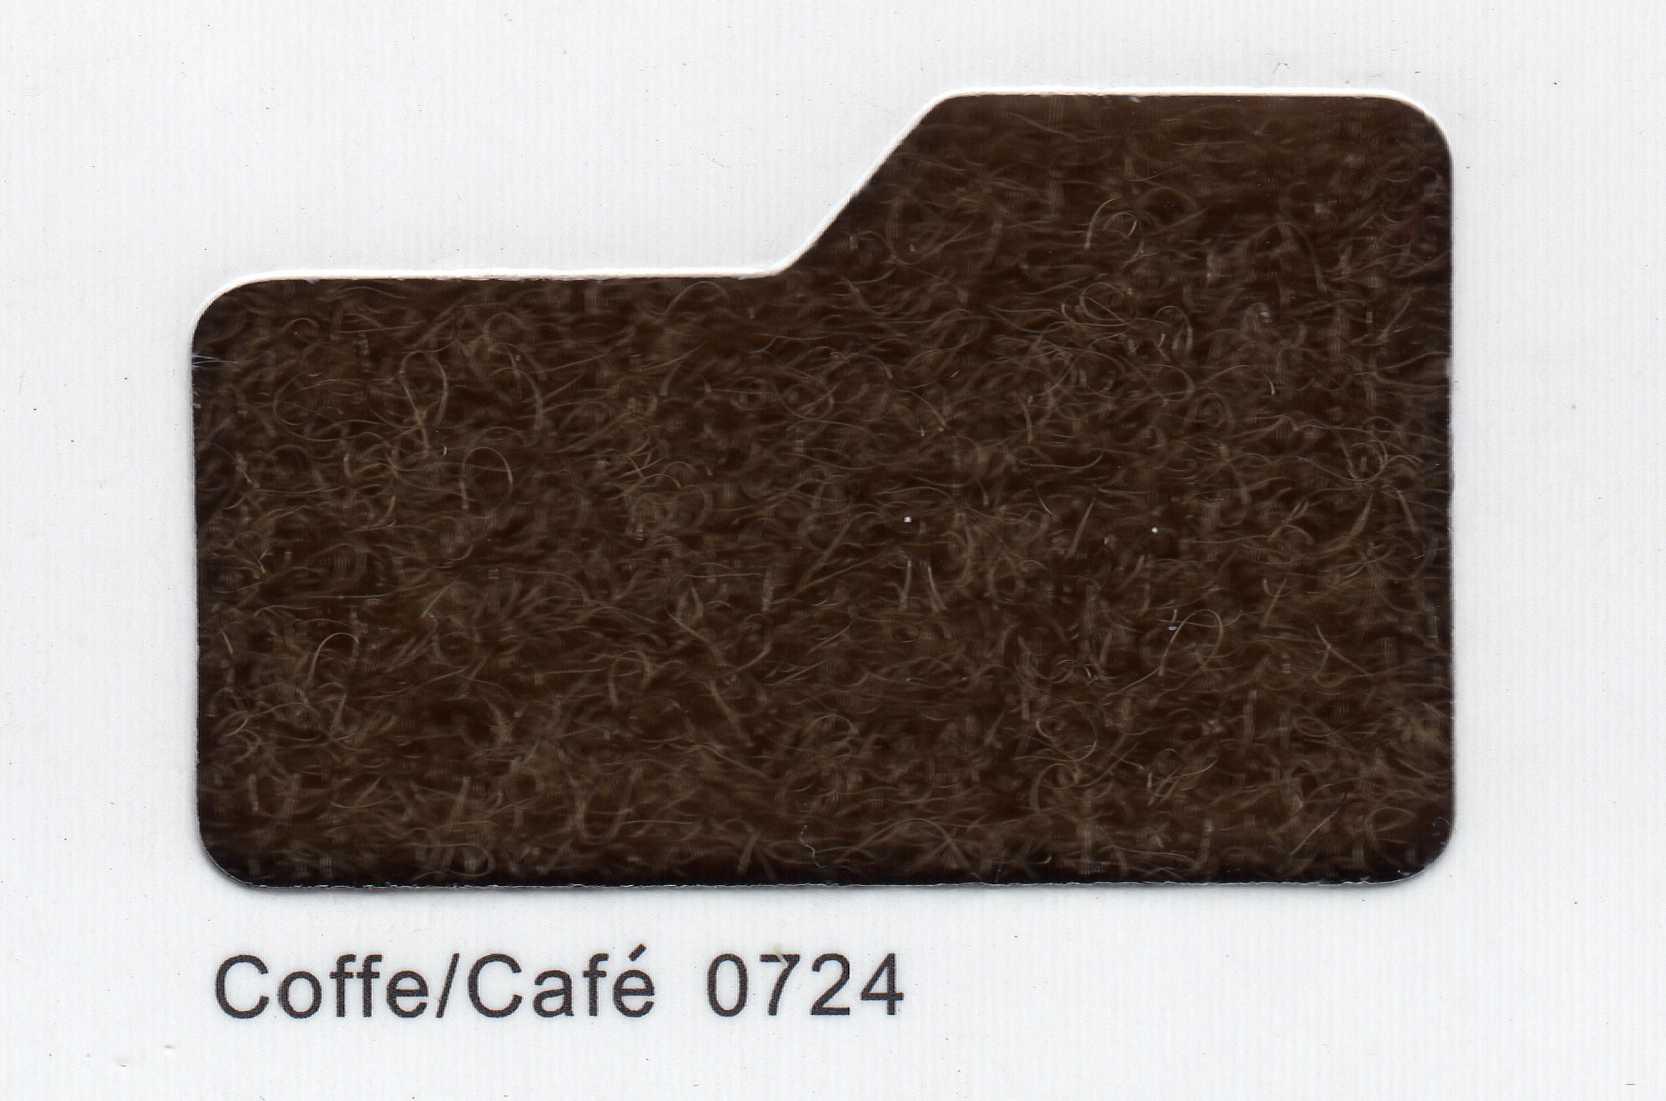 Cinta de cierre Velcro-Veraco 50mm Café 0724 (Rizo).